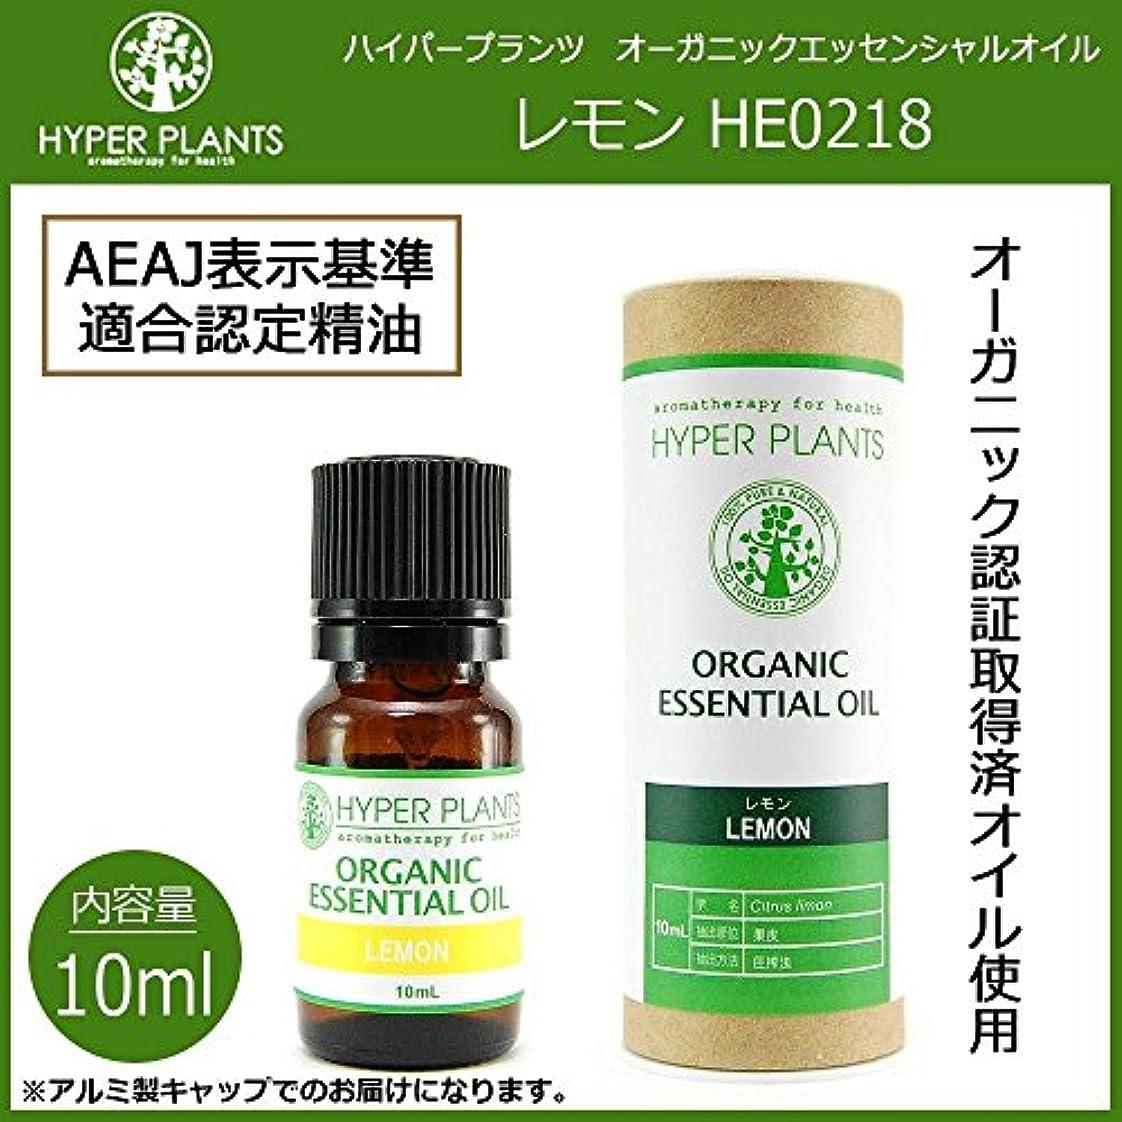 必要変更可能小さいHYPER PLANTS ハイパープランツ オーガニックエッセンシャルオイル レモン 10ml HE0218